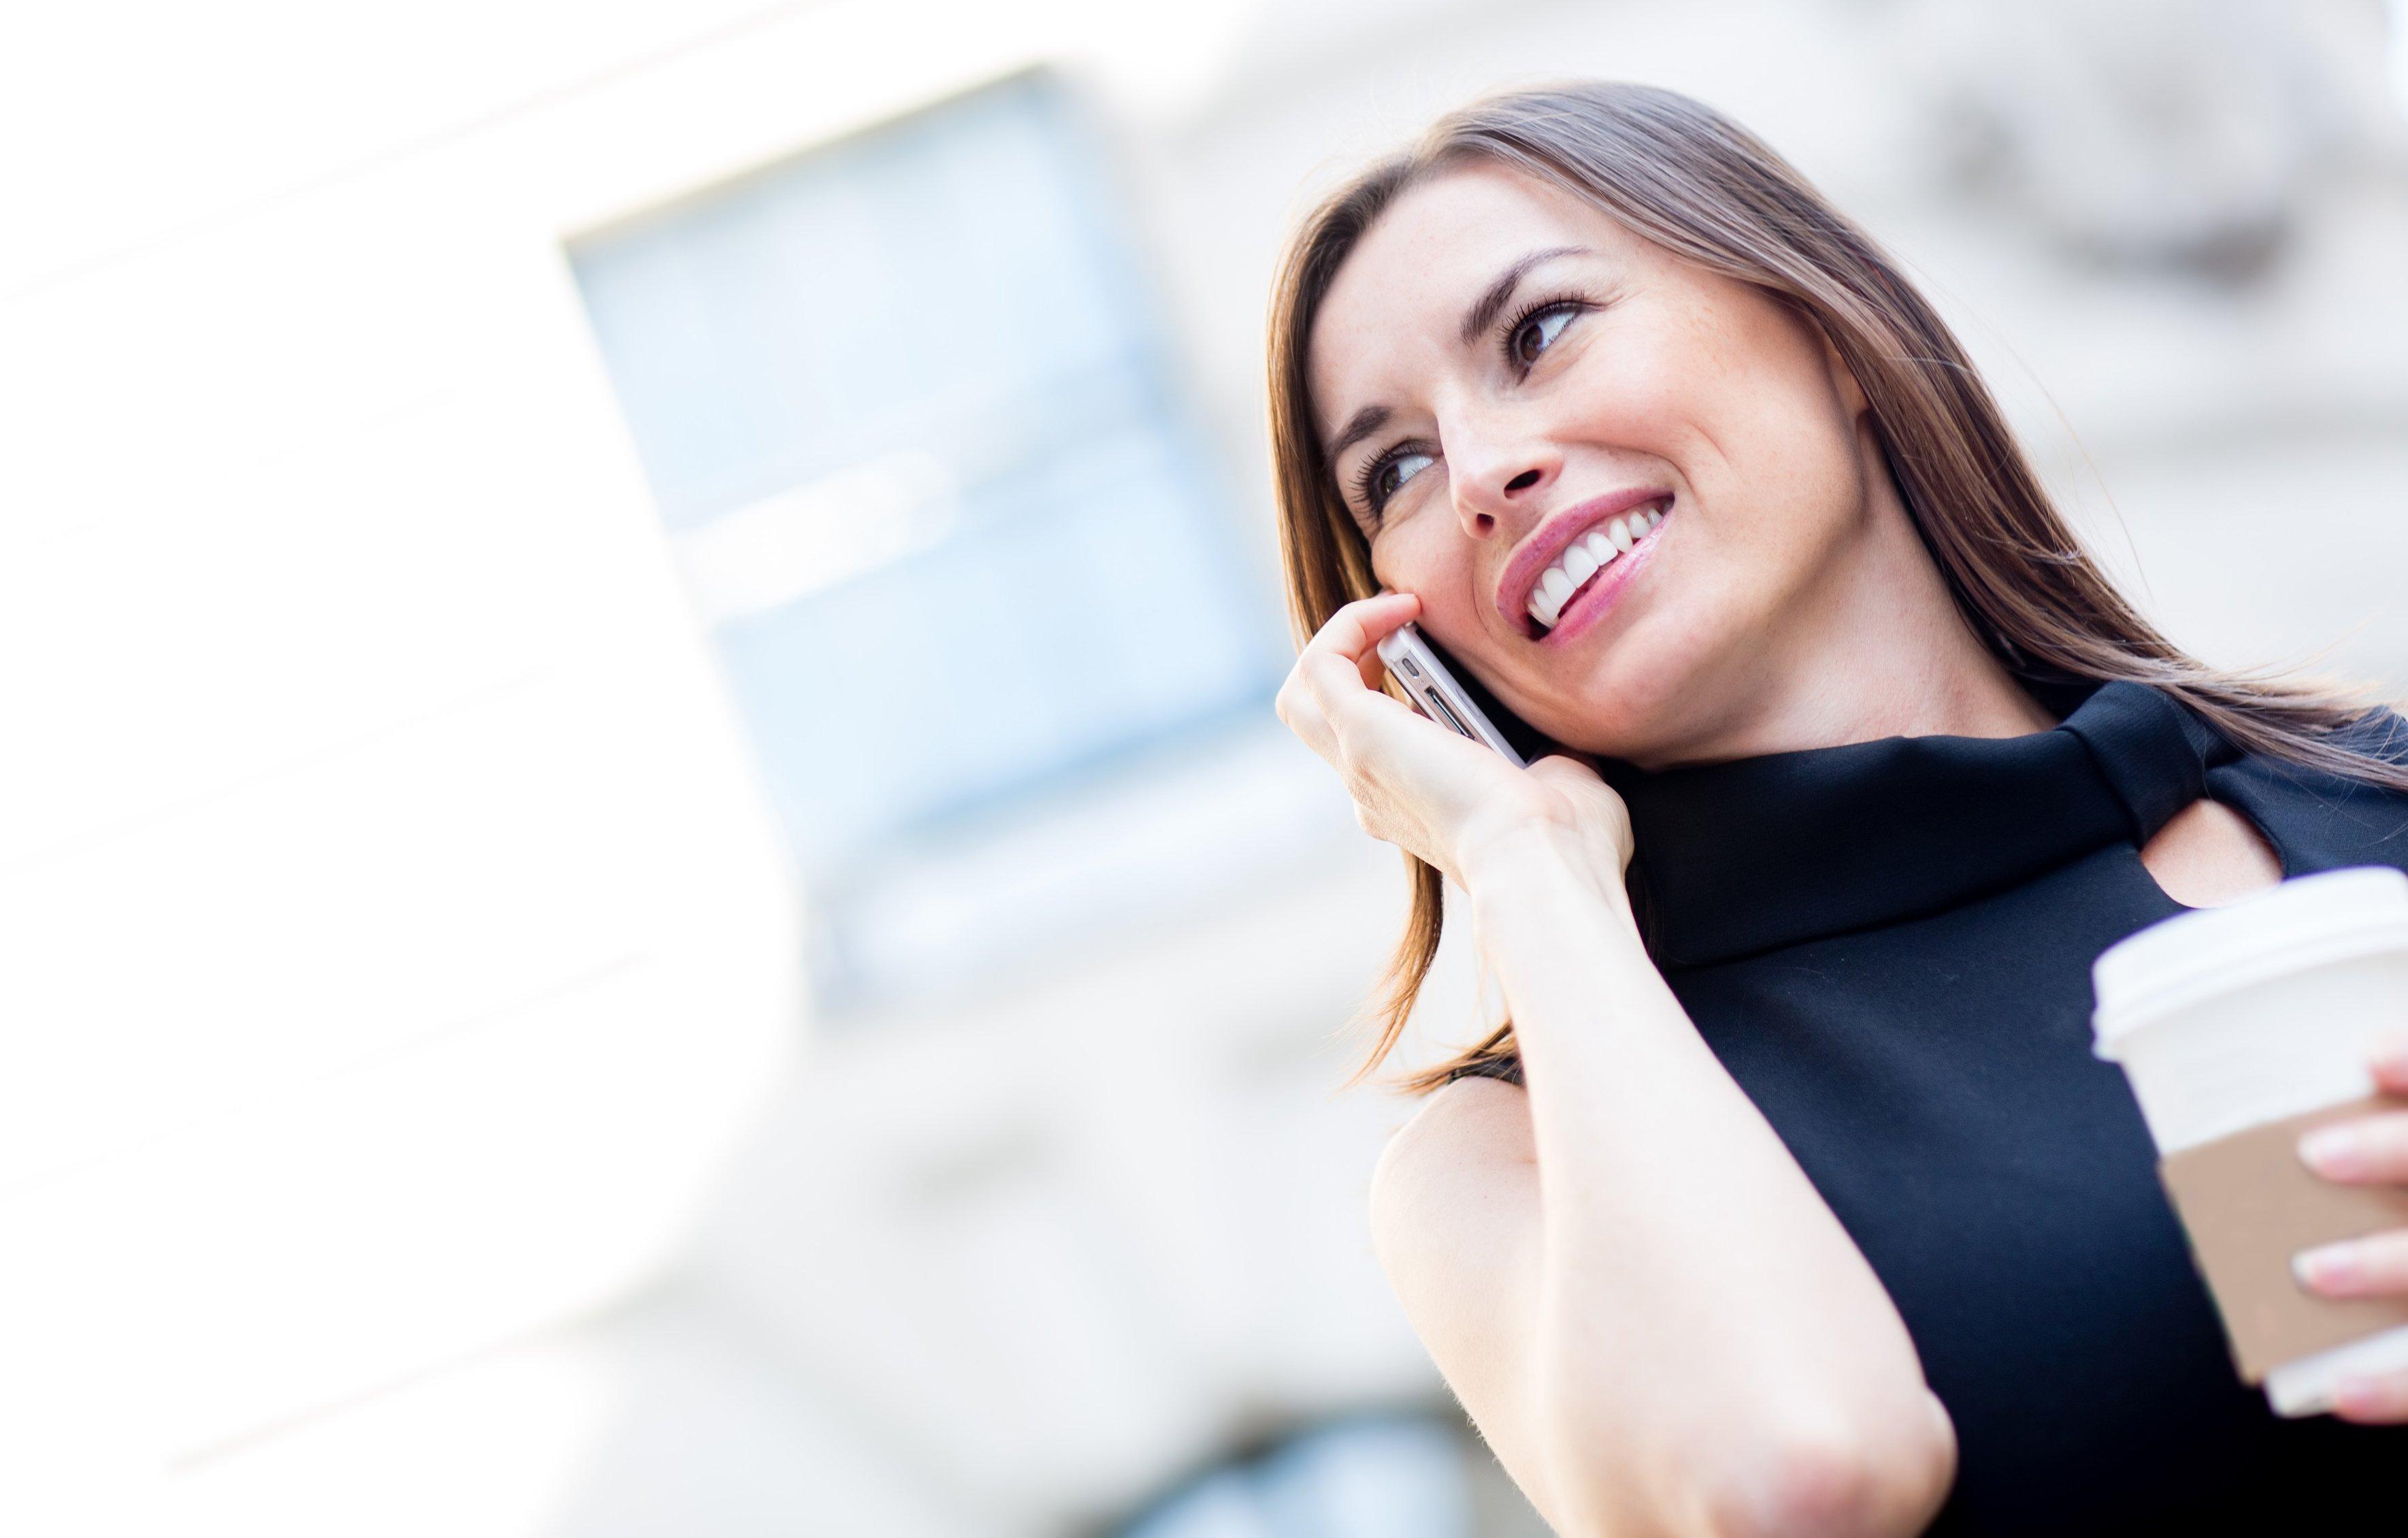 hablar en inglés por teléfono